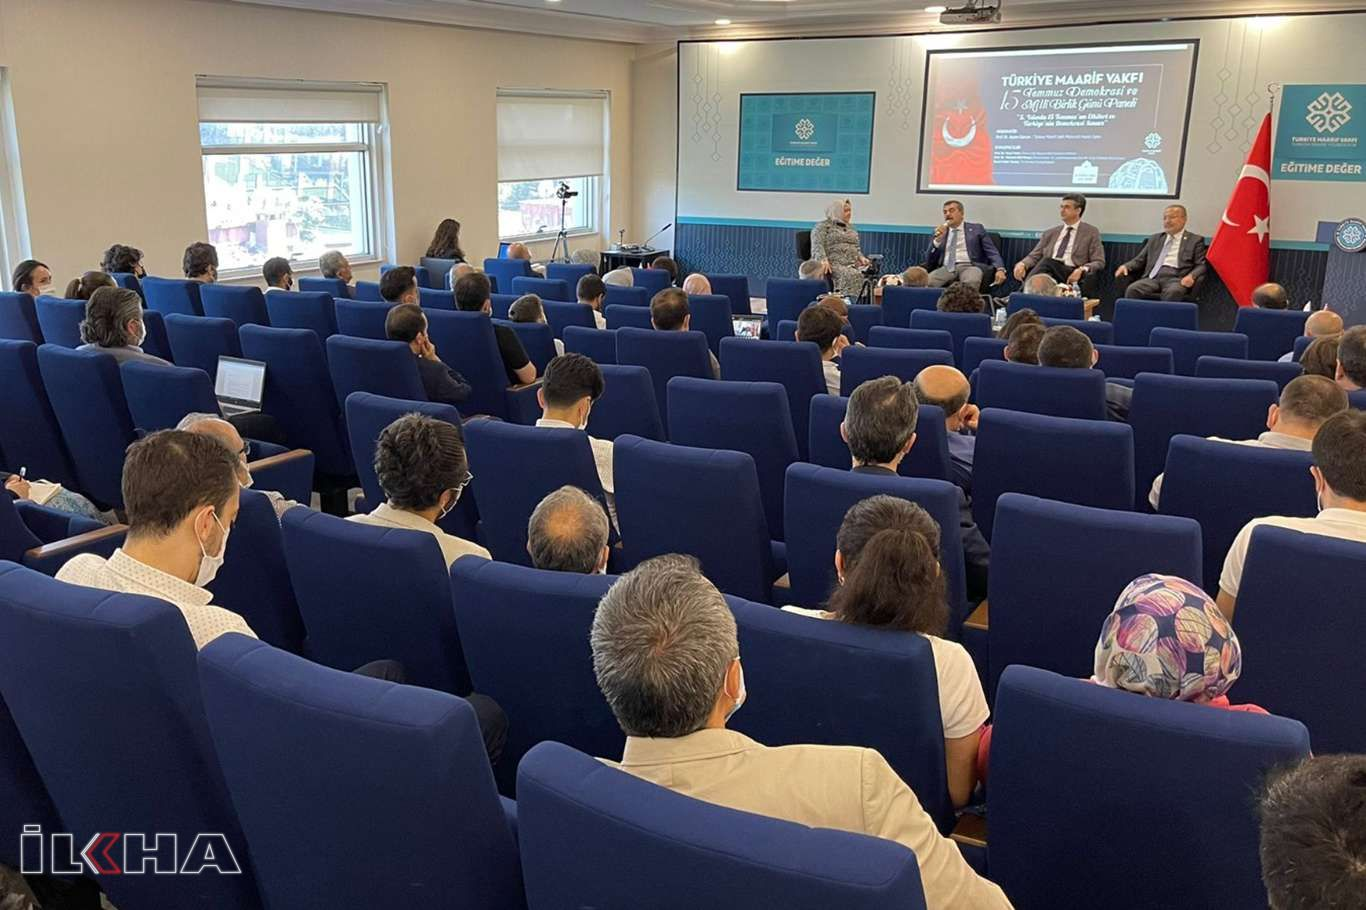 Türkiye Maarif Vakfından 15 Temmuz paneli